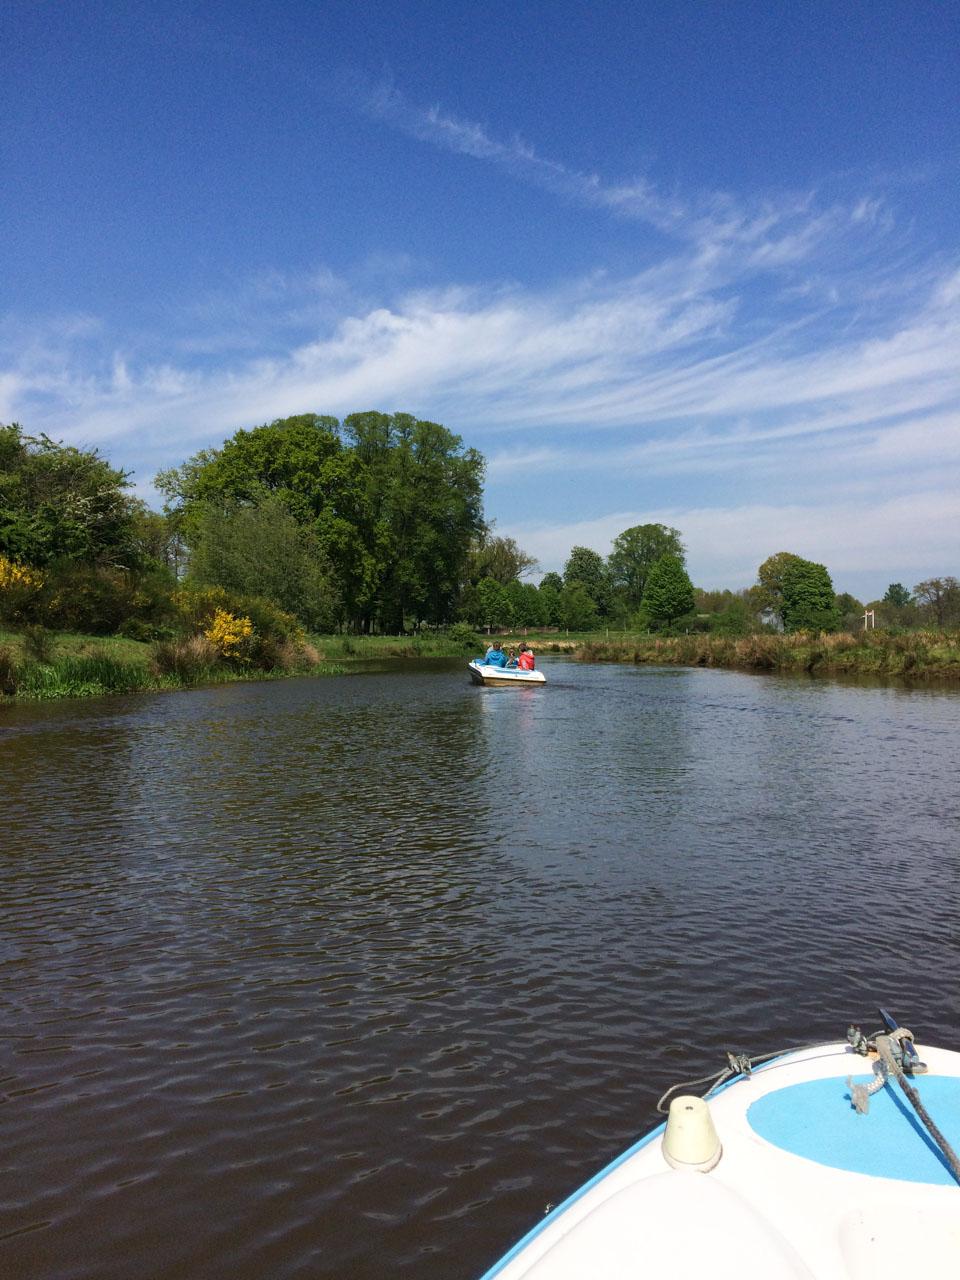 Holland Radtour Flüsterboot Kanal